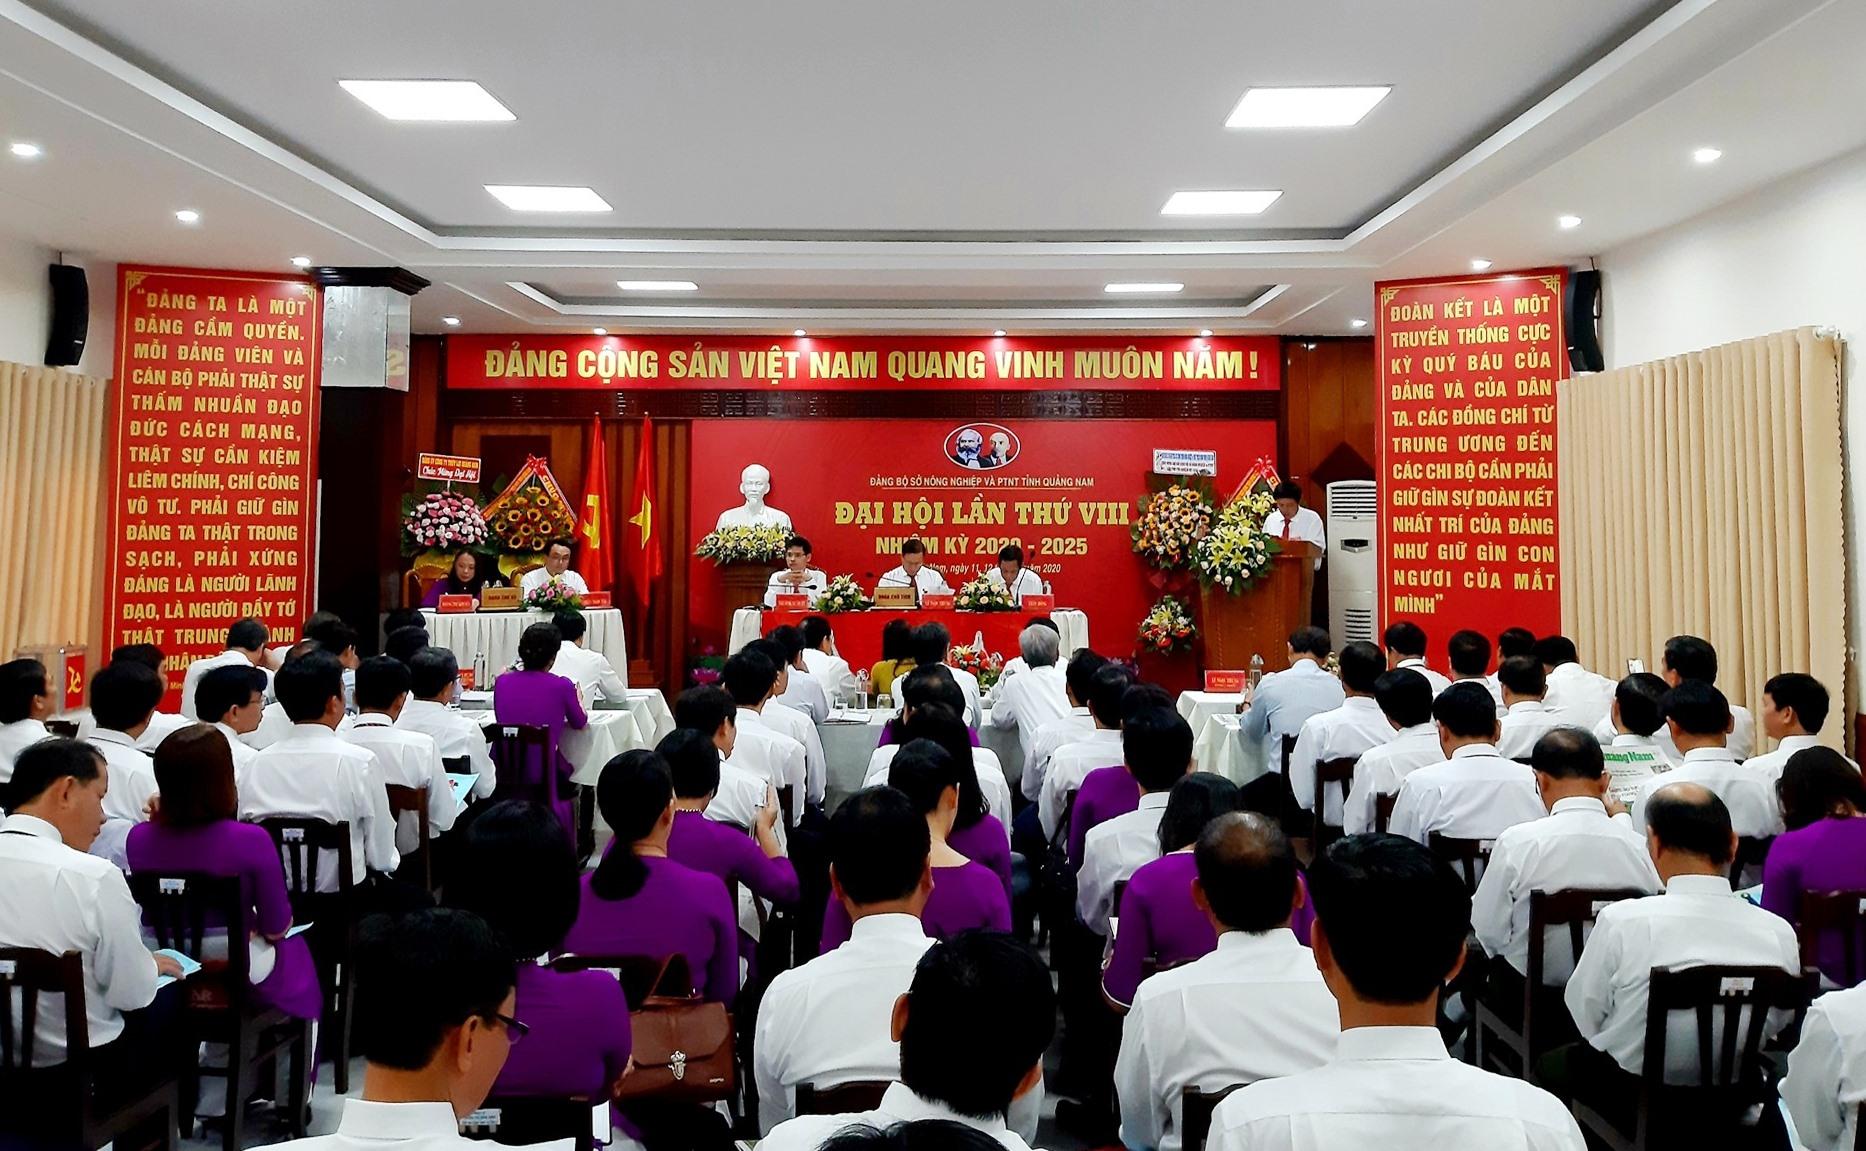 Quang cảnh phiên chính thức Đại hội Đại biểu Đảng bộ Sở NN&PTNT lần thứ VIII diễn ra sáng nay 12.6. Ảnh: VĂN SỰ